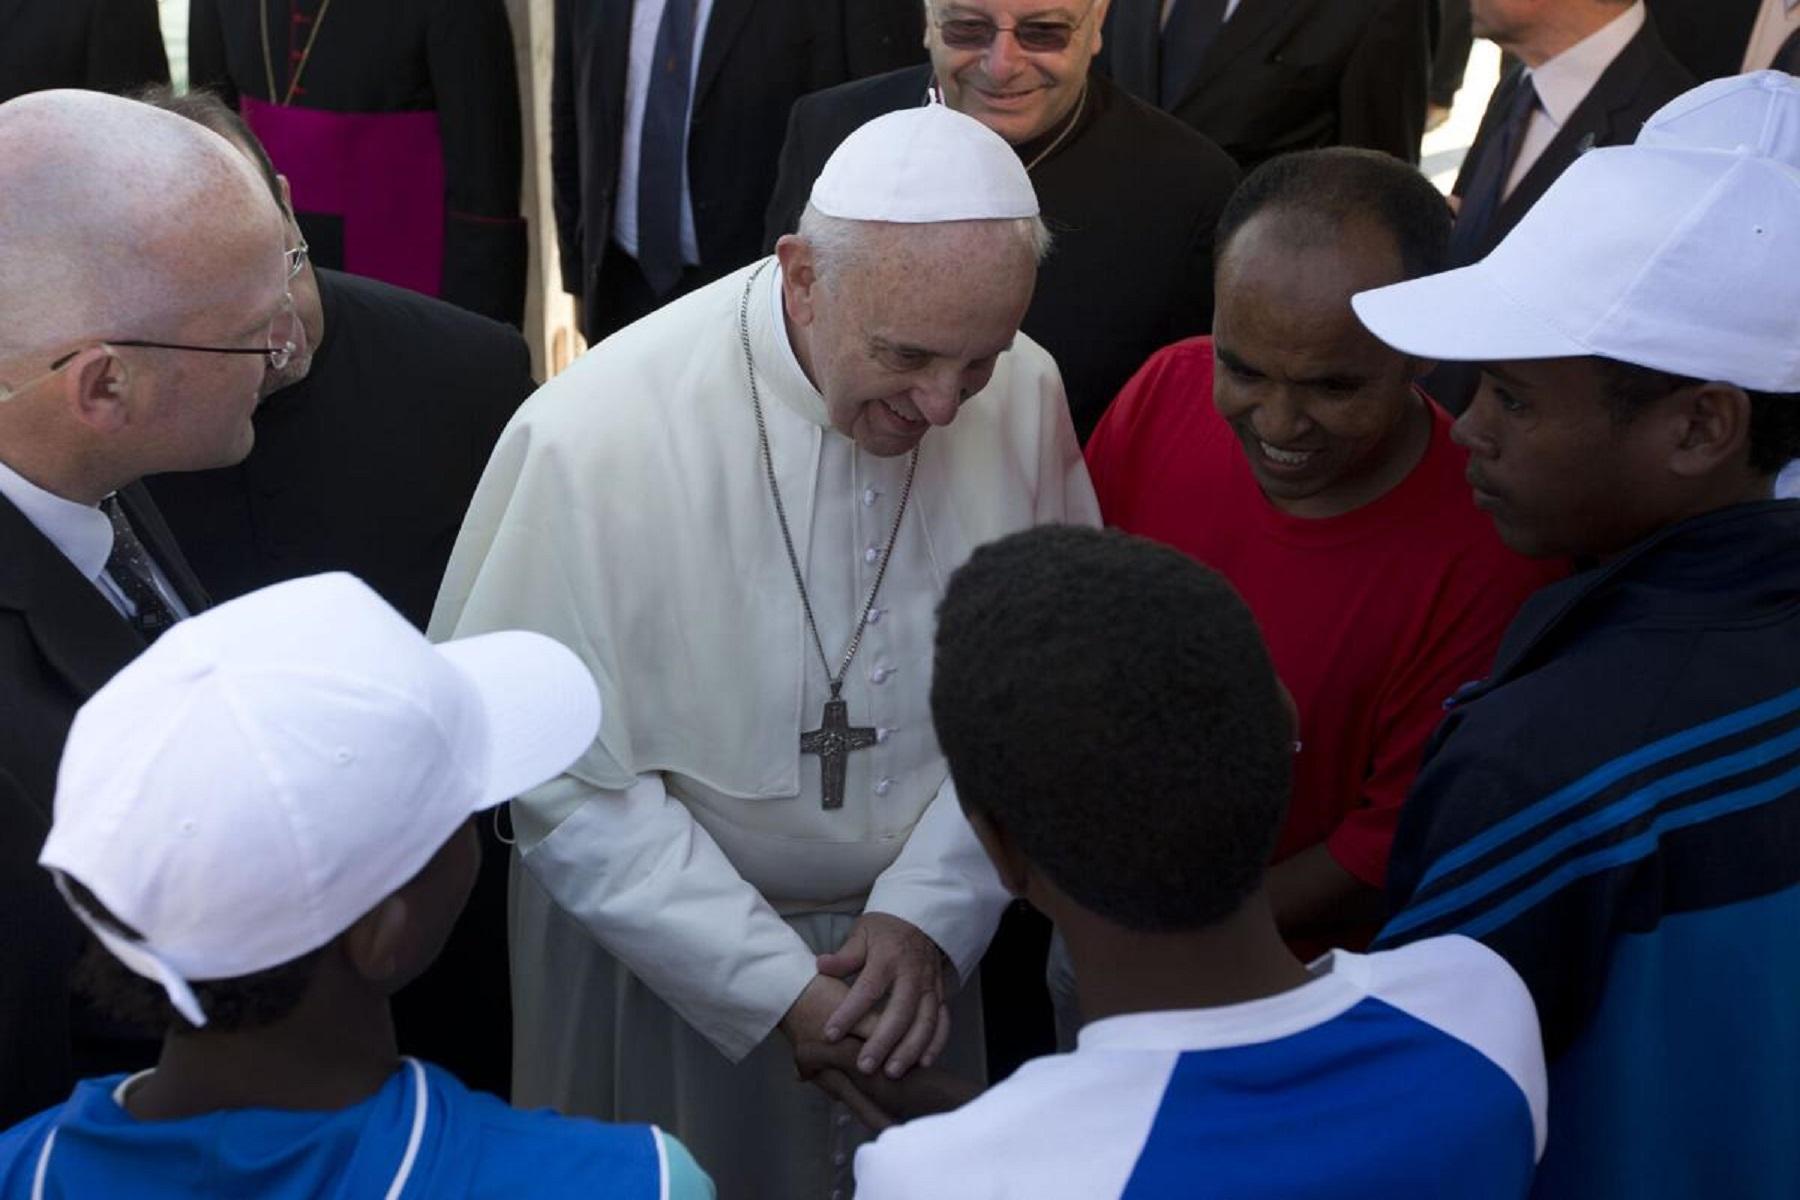 Βατικανό Κορωνοϊός: Εικονικό συνέδριο με τη συμμετοχή εκπροσώπων της θρησκείας, της επιστήμης και της τέχνης